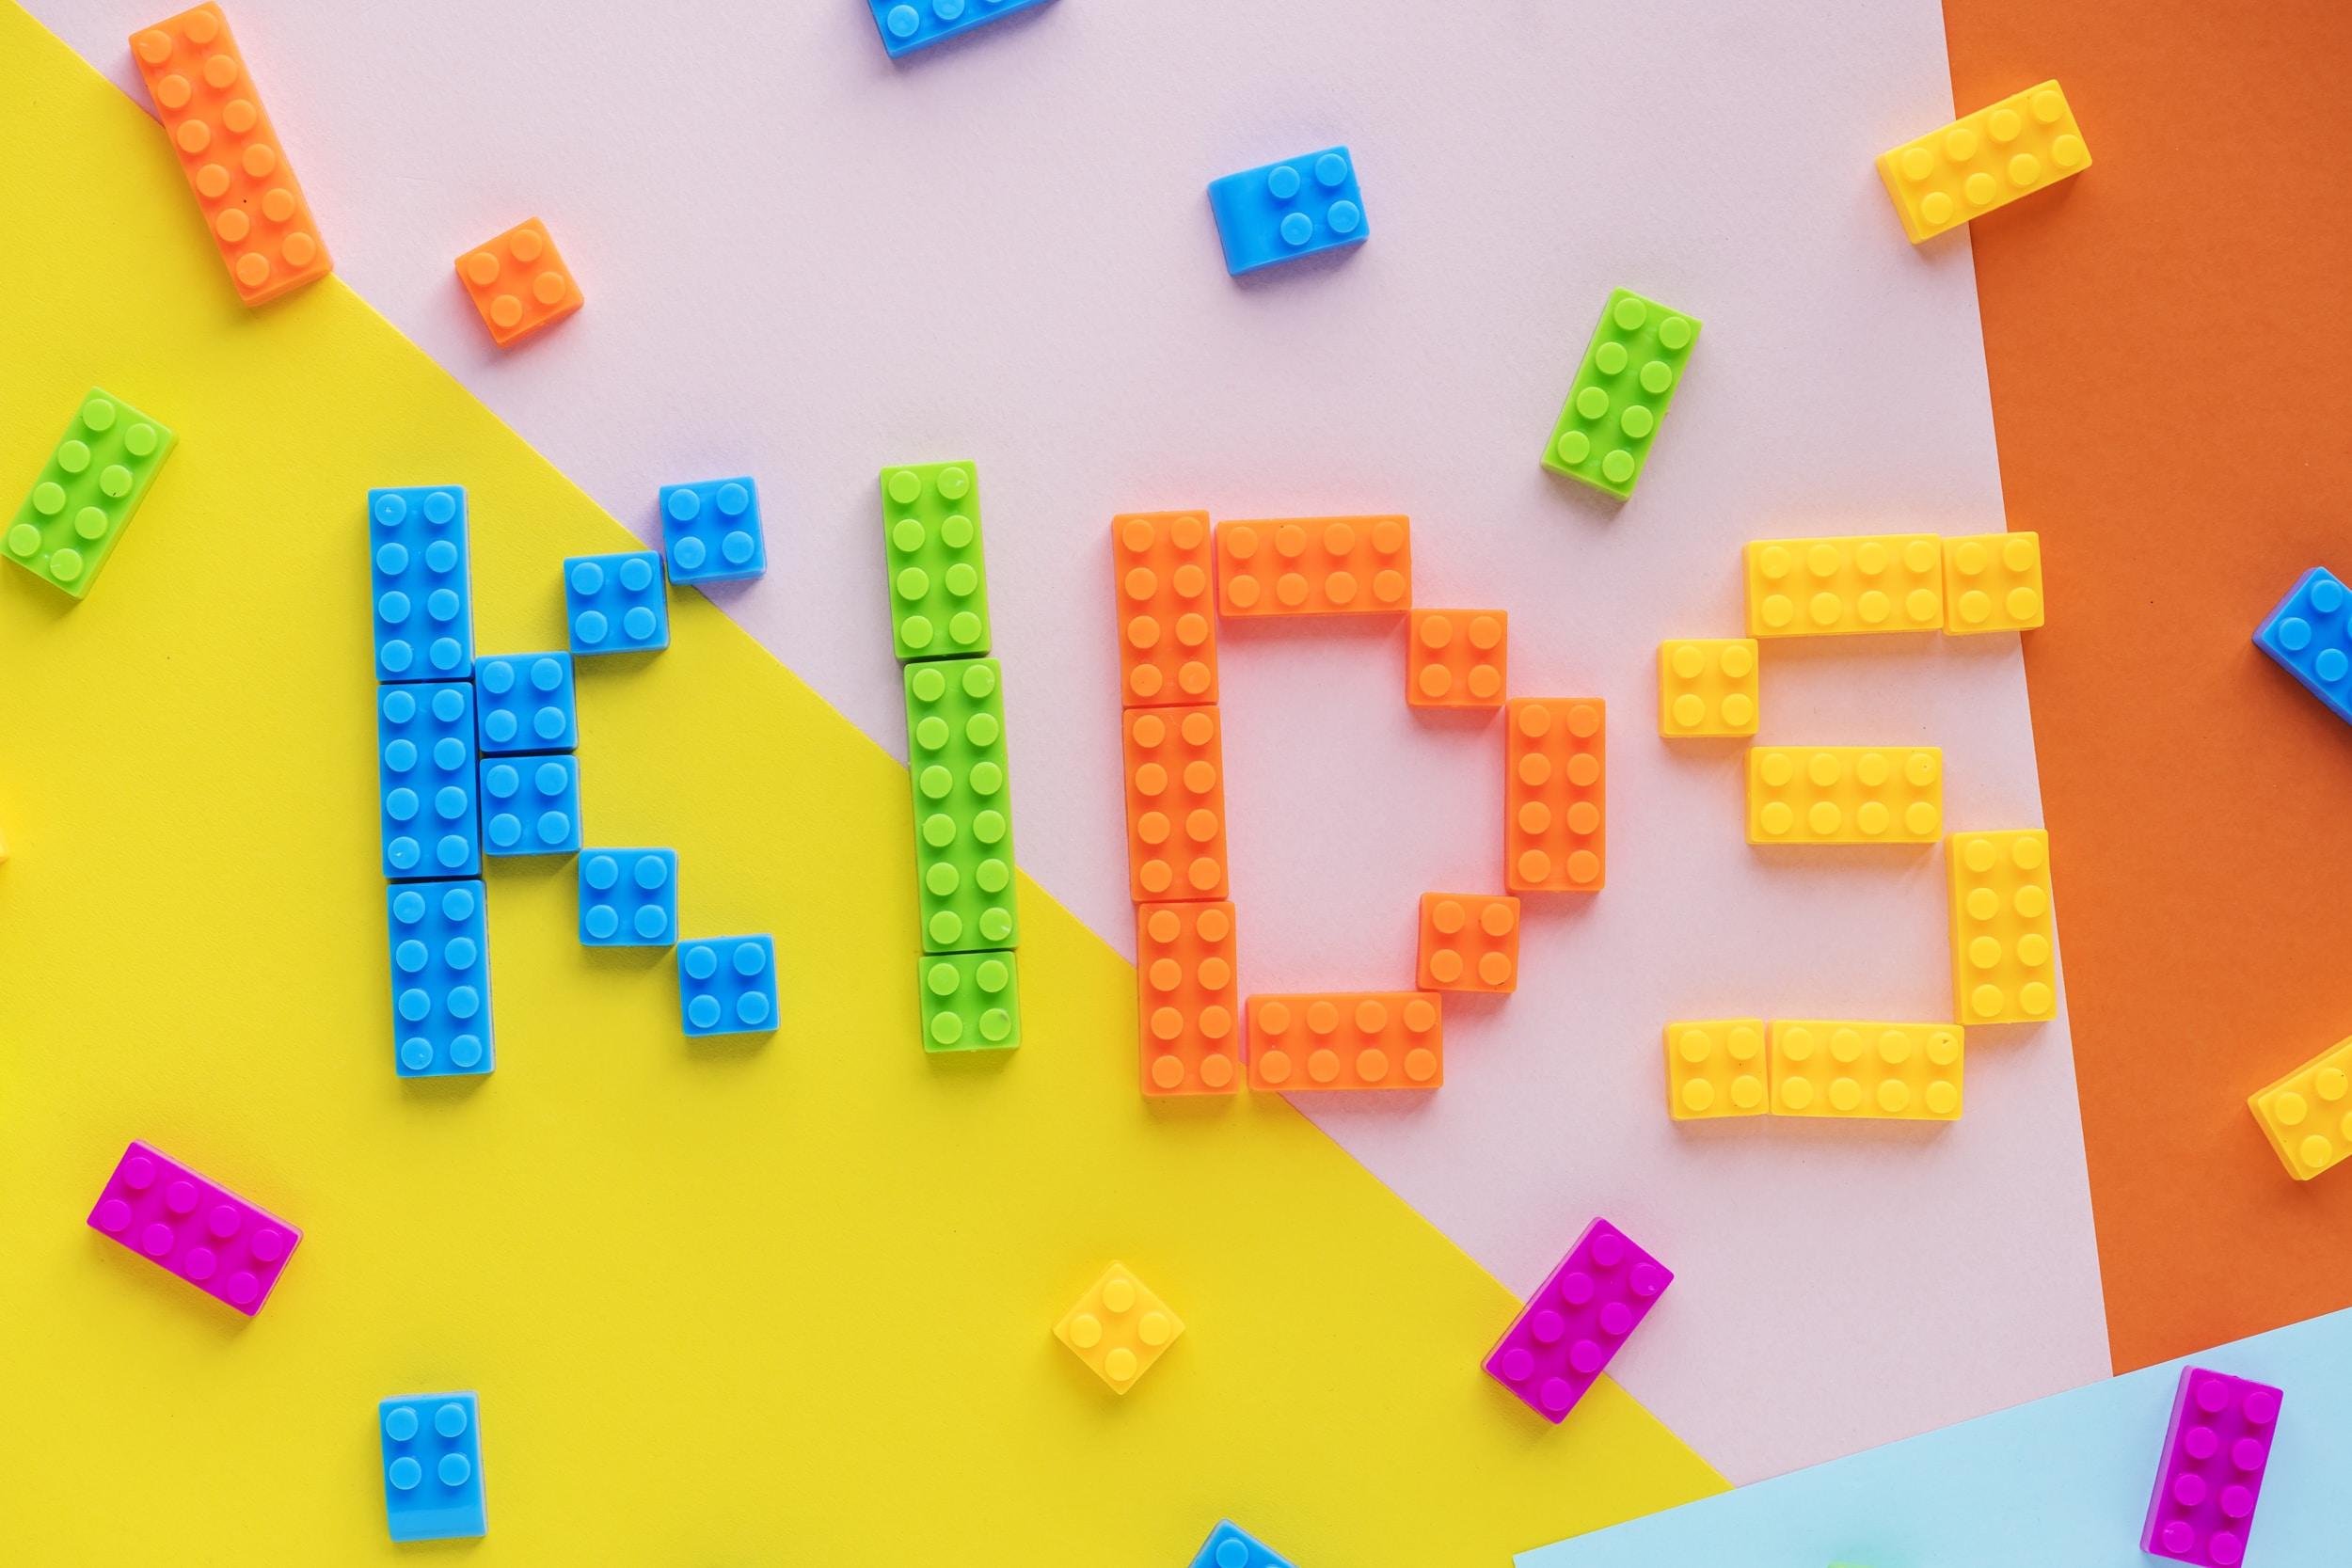 multicolored plastic toy building blocks